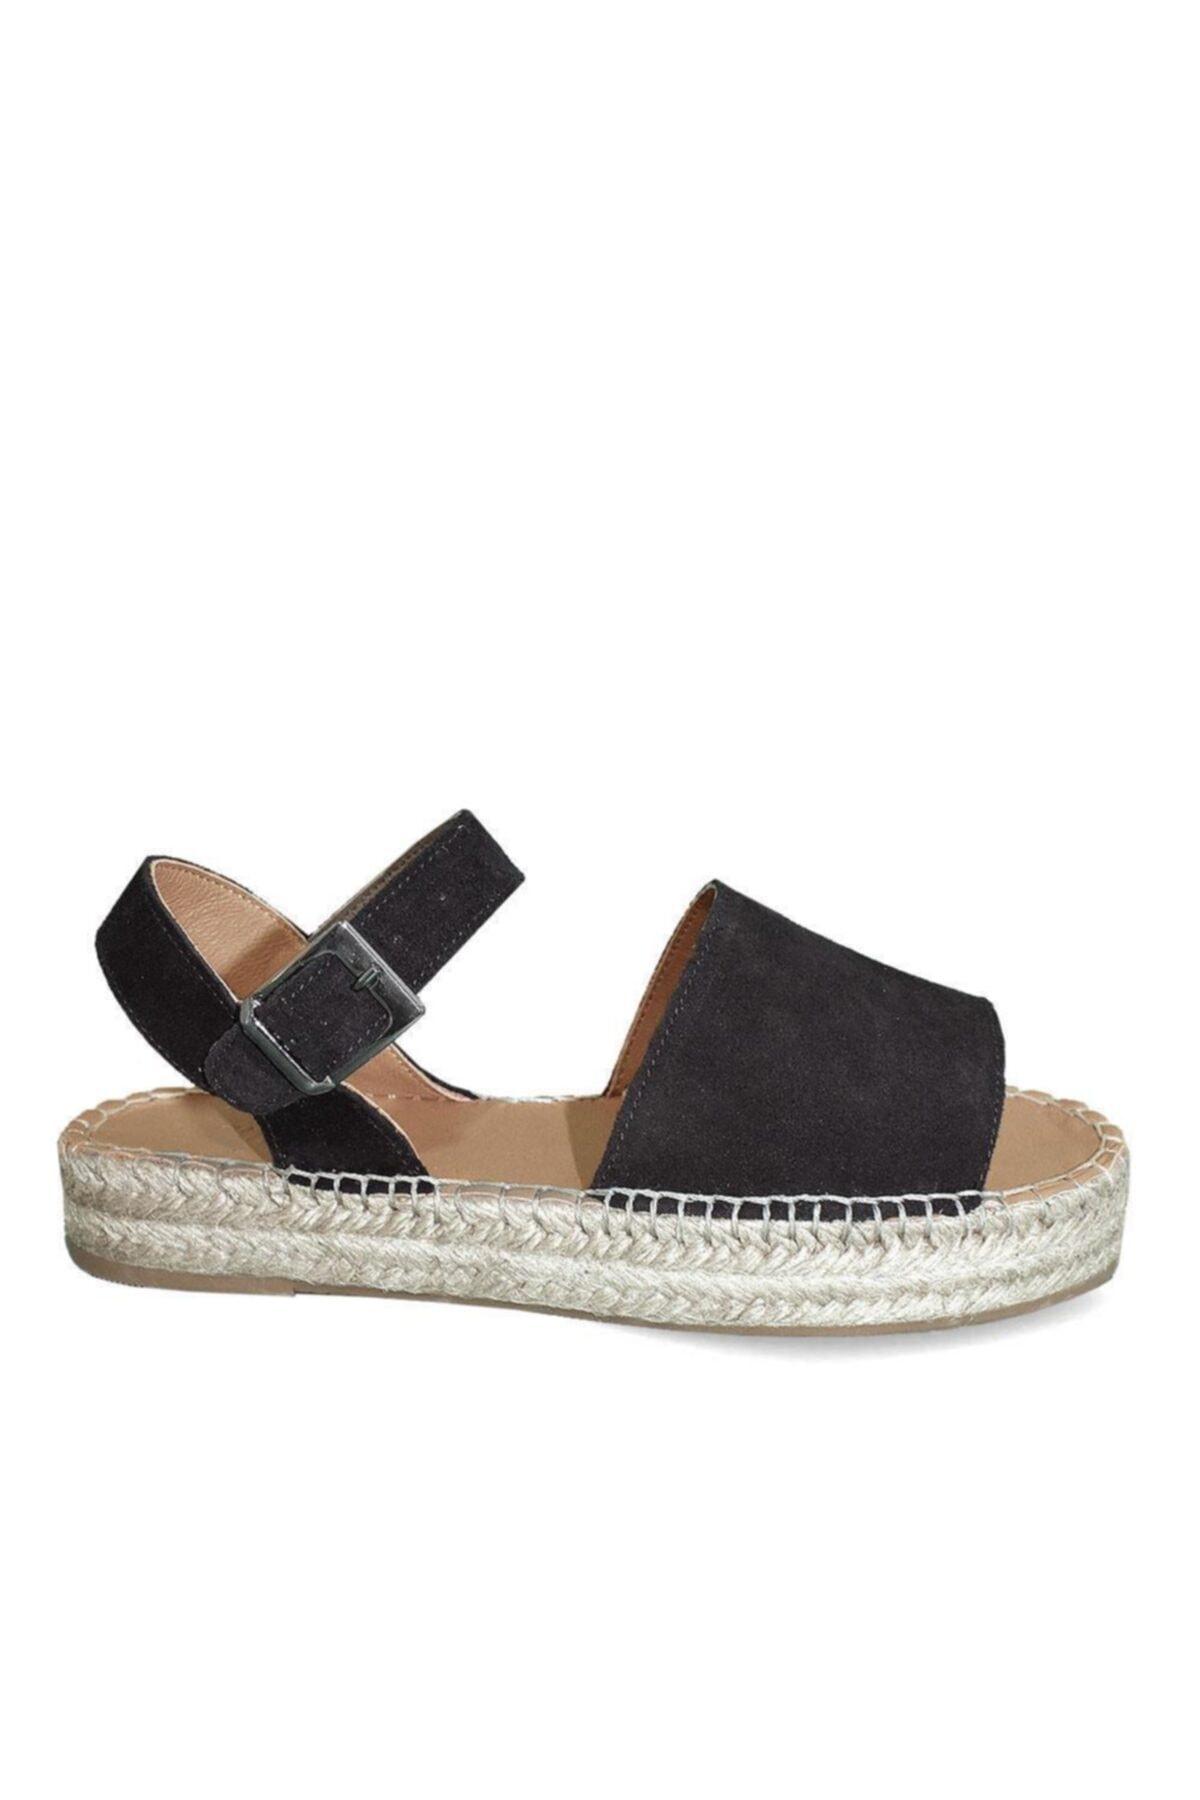 Stella 20335 Kadın Deri Sandalet 2